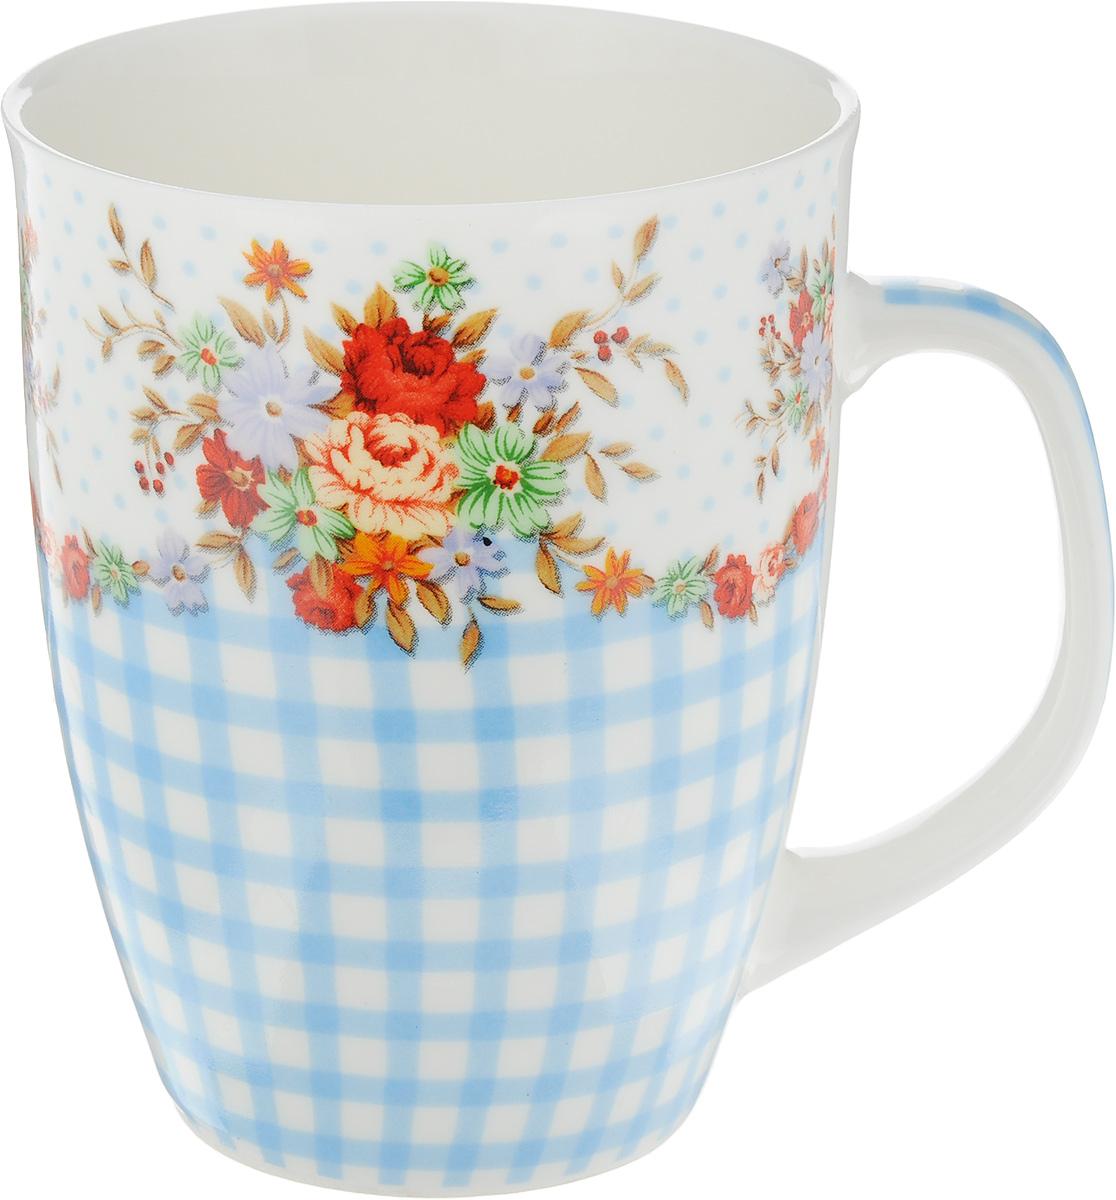 Кружка Loraine Цветы, цвет: белый, голубой, красный, 340 мл25977_белый, голубой, красныйКружка Loraine Цветы изготовлена из прочного качественного костяного фарфора. Изделие оформлено красочным рисунком. Благодаря своим термостатическим свойствам, изделие отлично сохраняет температуру содержимого - морозной зимой кружка будет согревать вас горячим чаем, а знойным летом, напротив, радовать прохладными напитками. Такой аксессуар создаст атмосферу тепла и уюта, настроит на позитивный лад и подарит хорошее настроение с самого утра. Это оригинальное изделие идеально подойдет в подарок близкому человеку. Диаметр (по верхнему краю): 8 см. Высота кружки: 10,5 см.